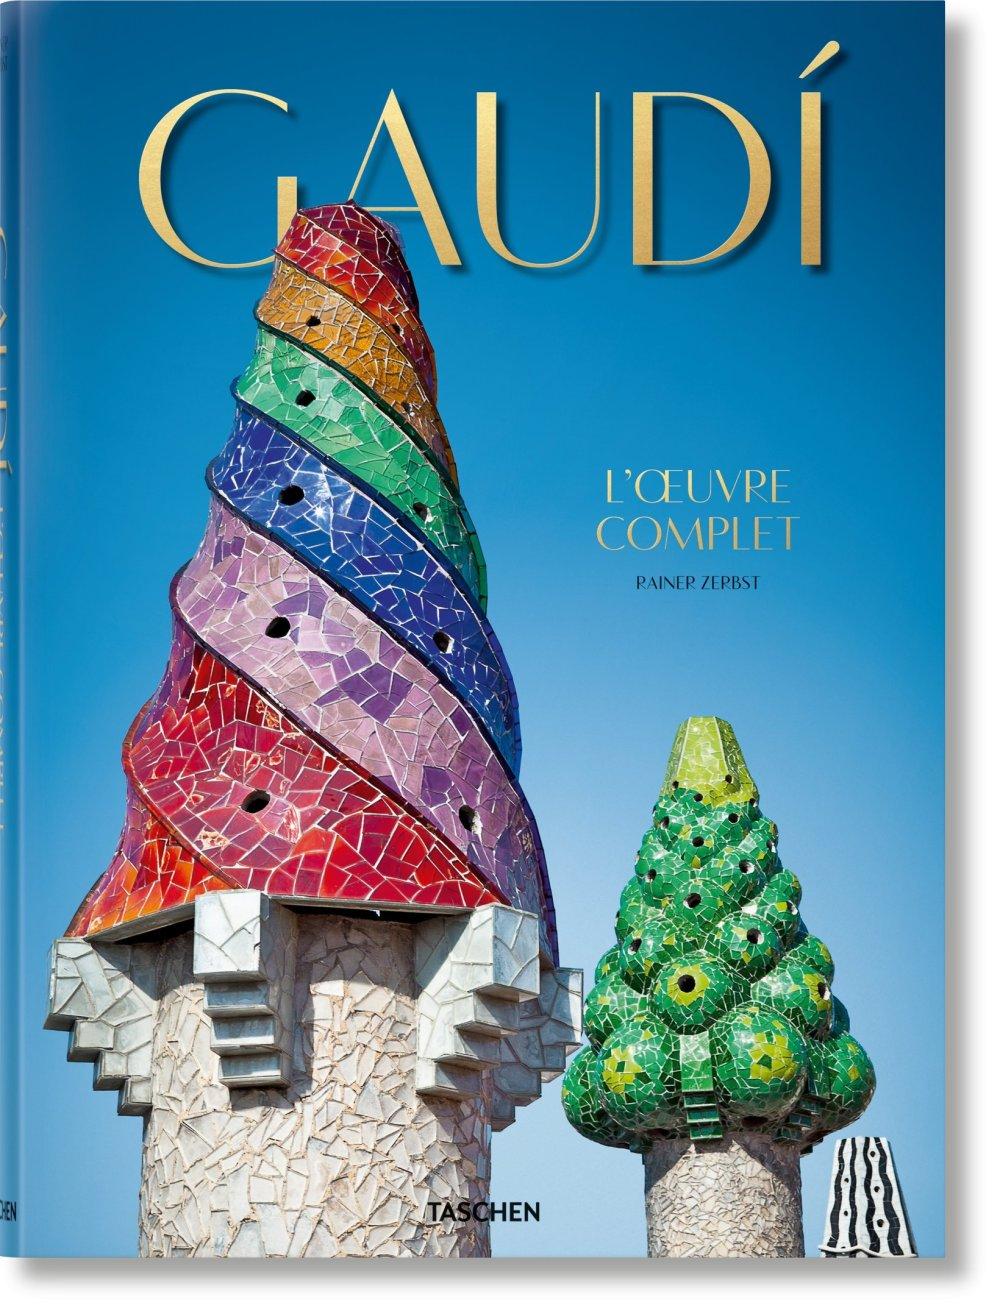 fp-gaudi-cover_43429